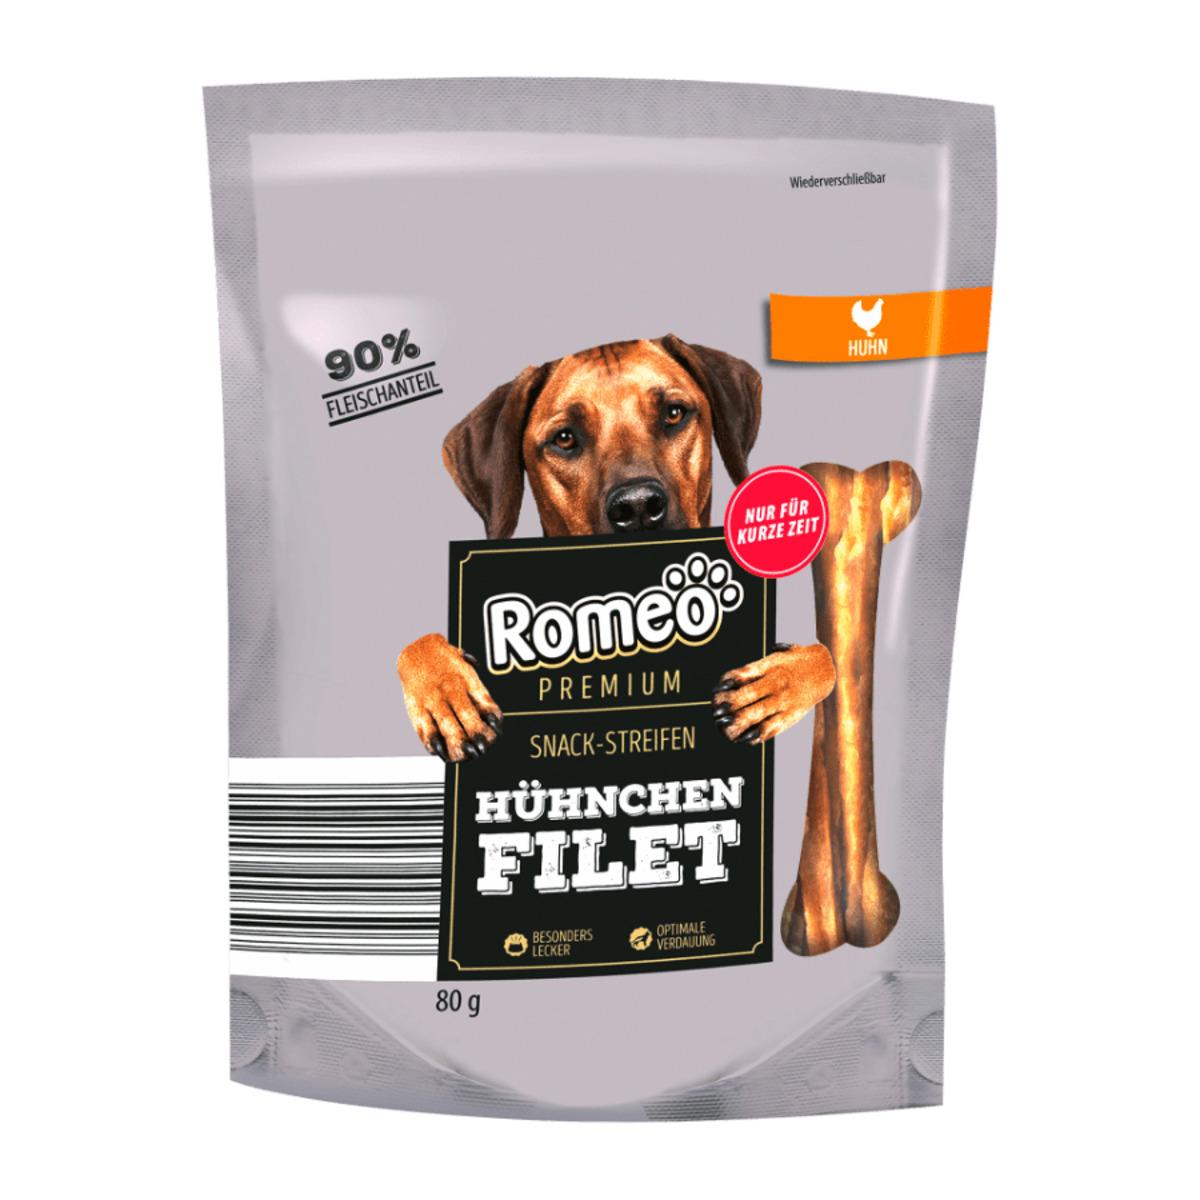 Bild 4 von ROMEO     Premium Snack